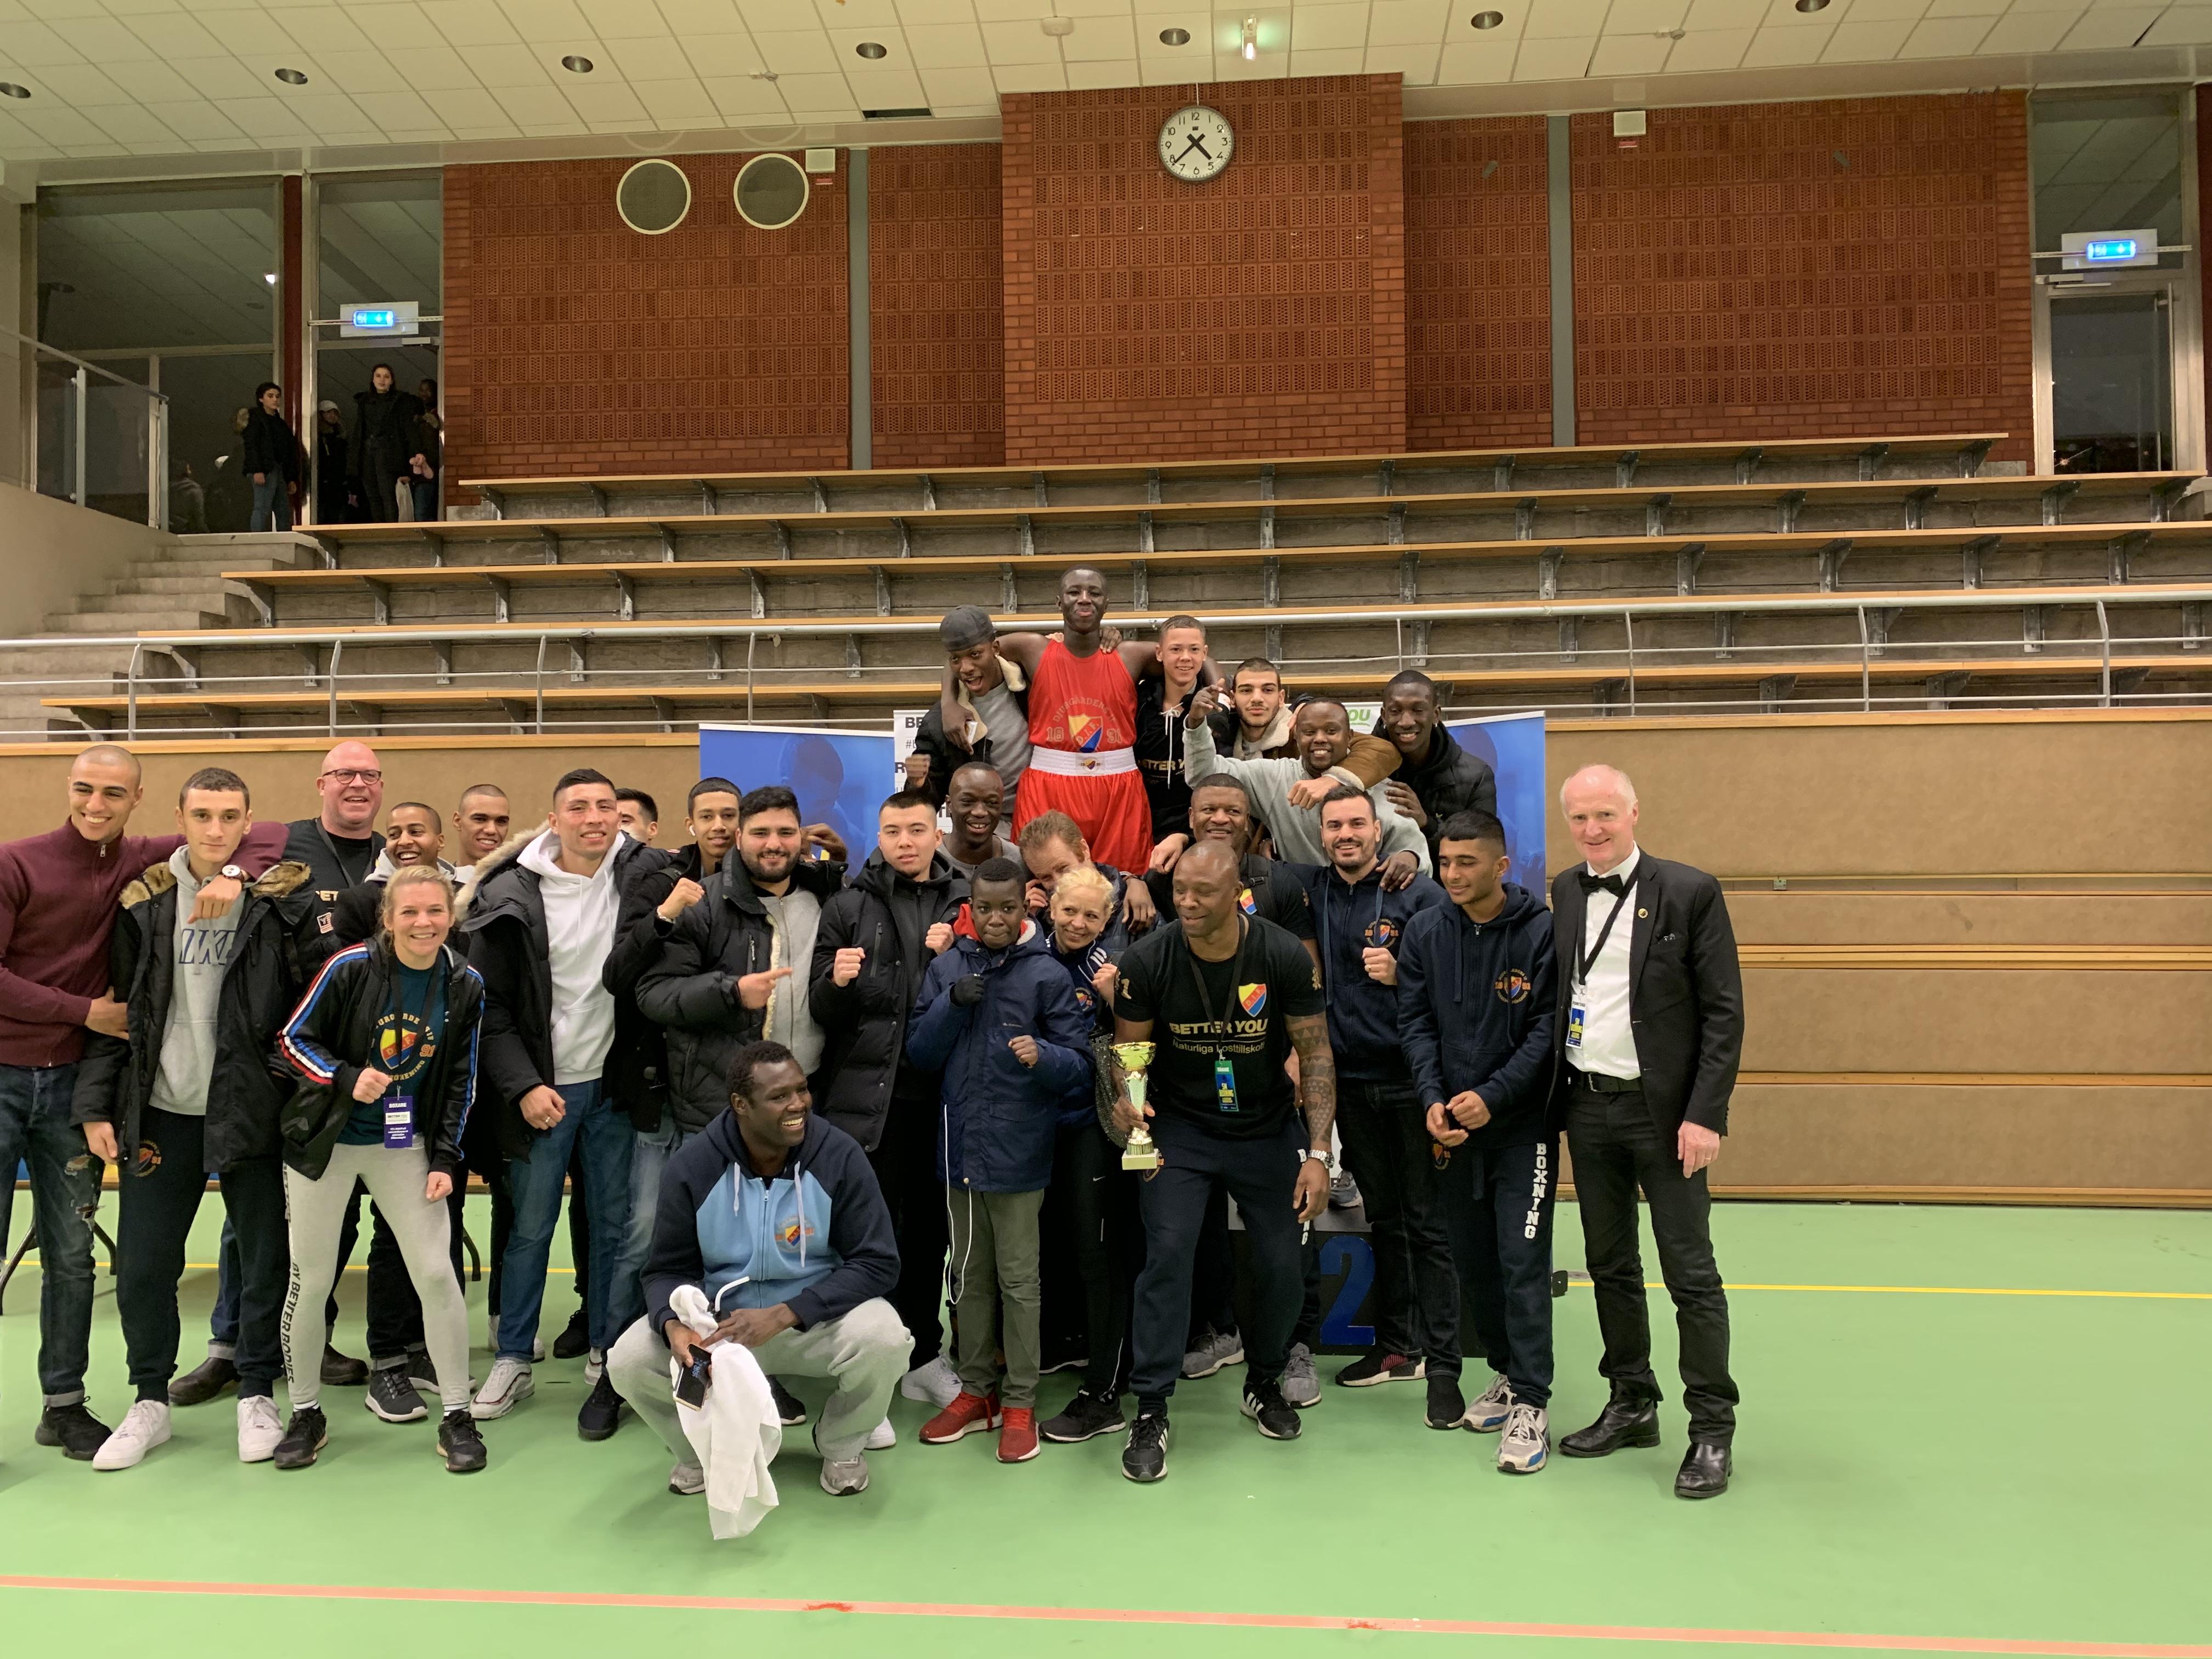 DJURGÅRDEN BOXNING ÅTER BÄST I SVERIGE Fem guld och bästa klubb när SM avgjordes